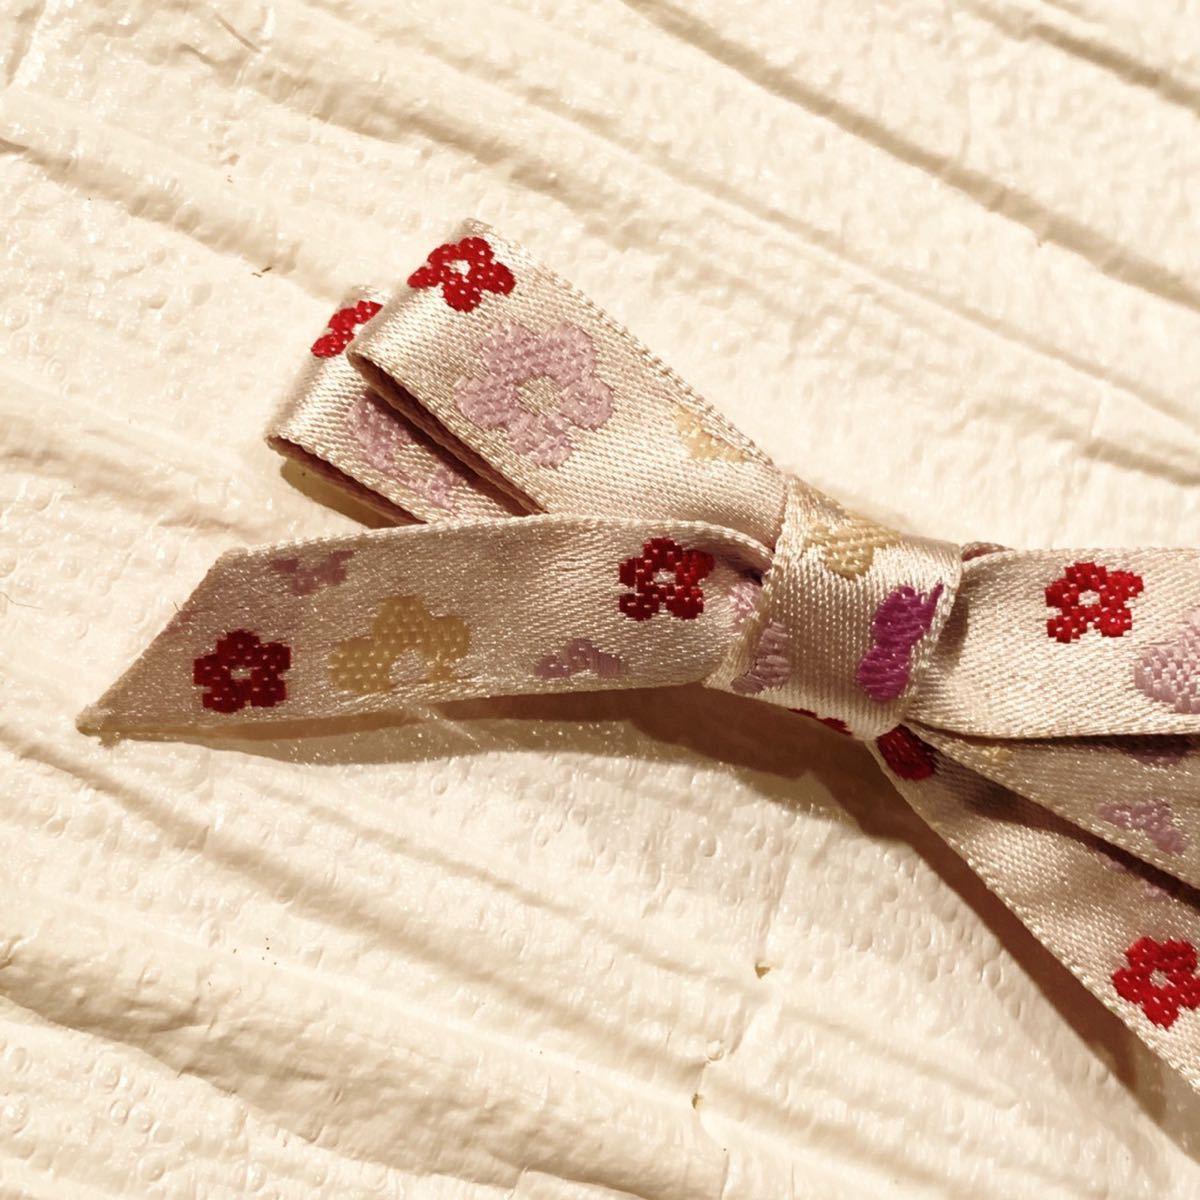 ハンドメイド 花の刺繍リボンクリップ ヘアピン ヘアアクセサリー〈新品未使用〉_画像3